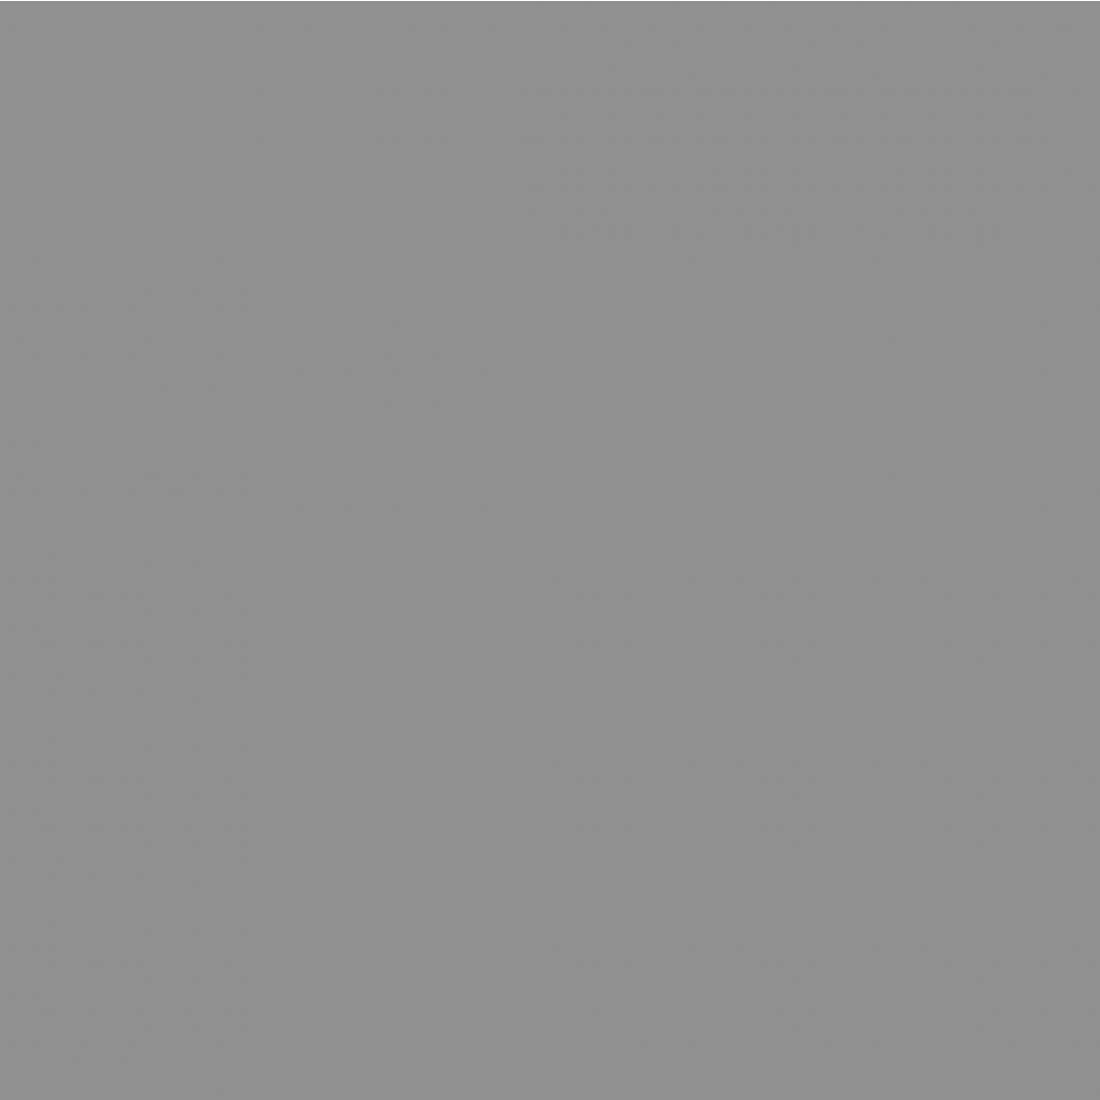 Porcelanato Elizabeth Smoke 74 x 74 Natural escovado Ref 01040001001392